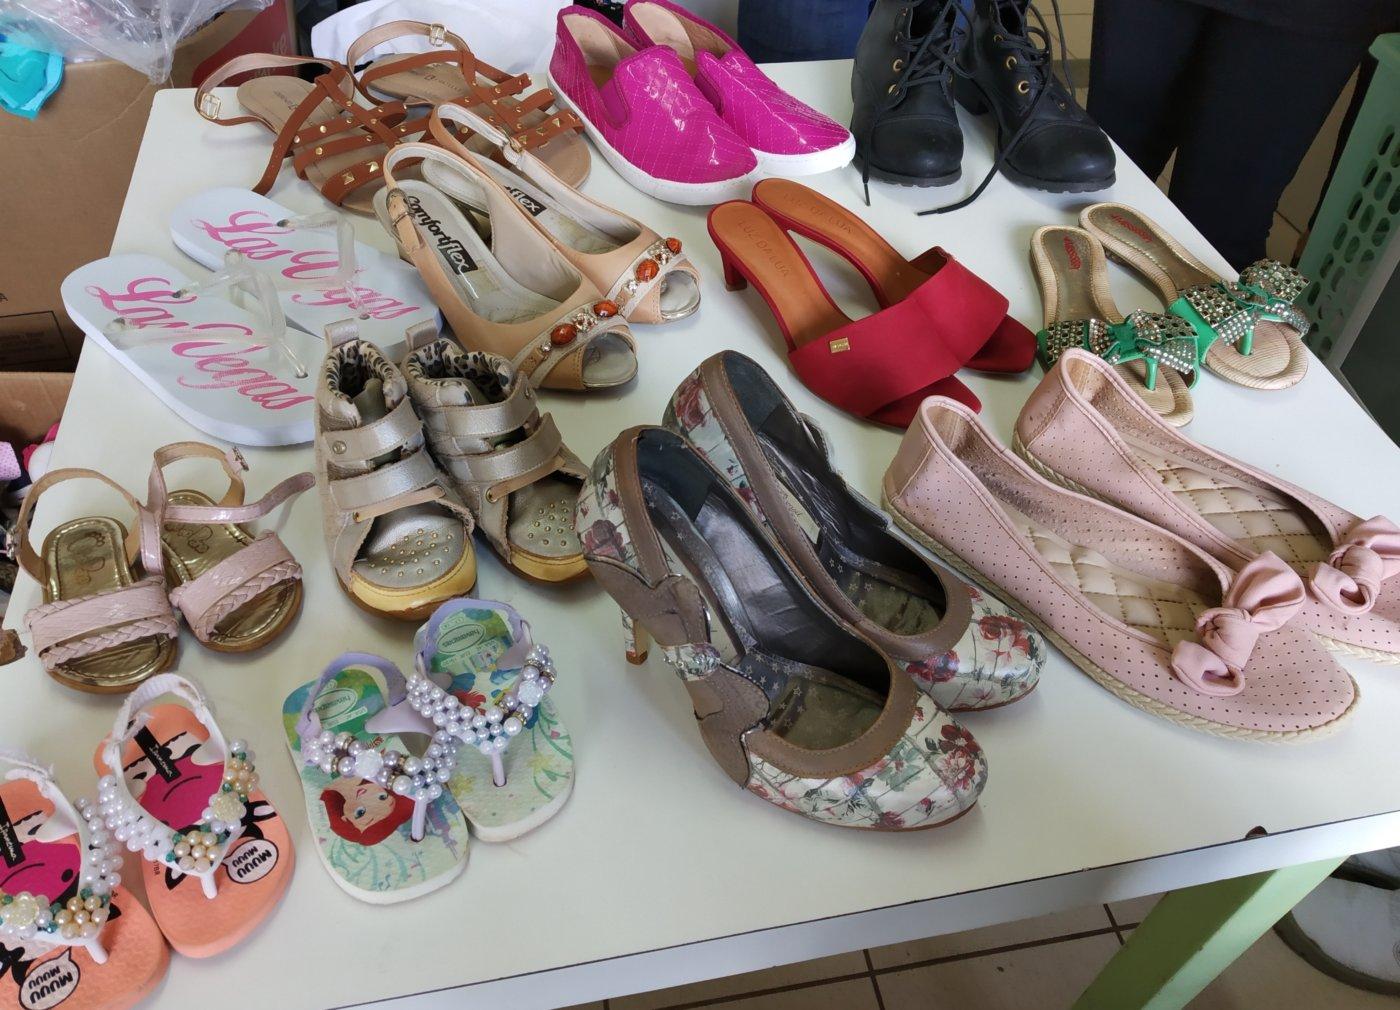 7c8fb4efdc Cmei Vila Gaúcha promove bazar de roupas e calçados  preços variam entre R   1 e R  10